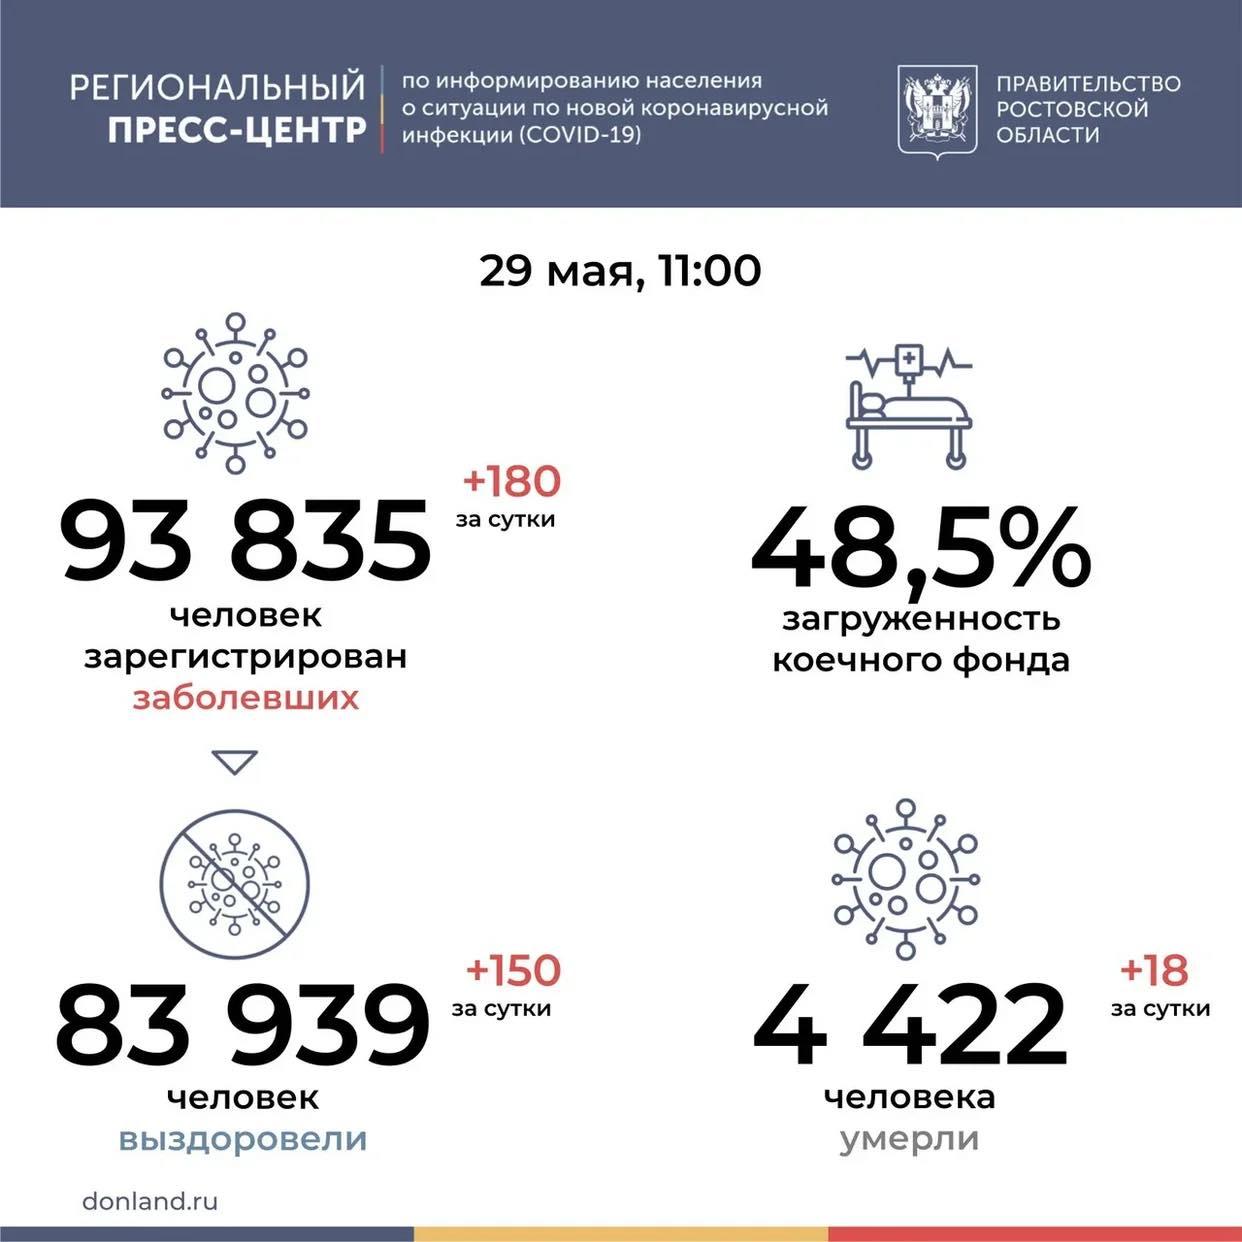 На Дону от COVID-19 умерли 18 человек